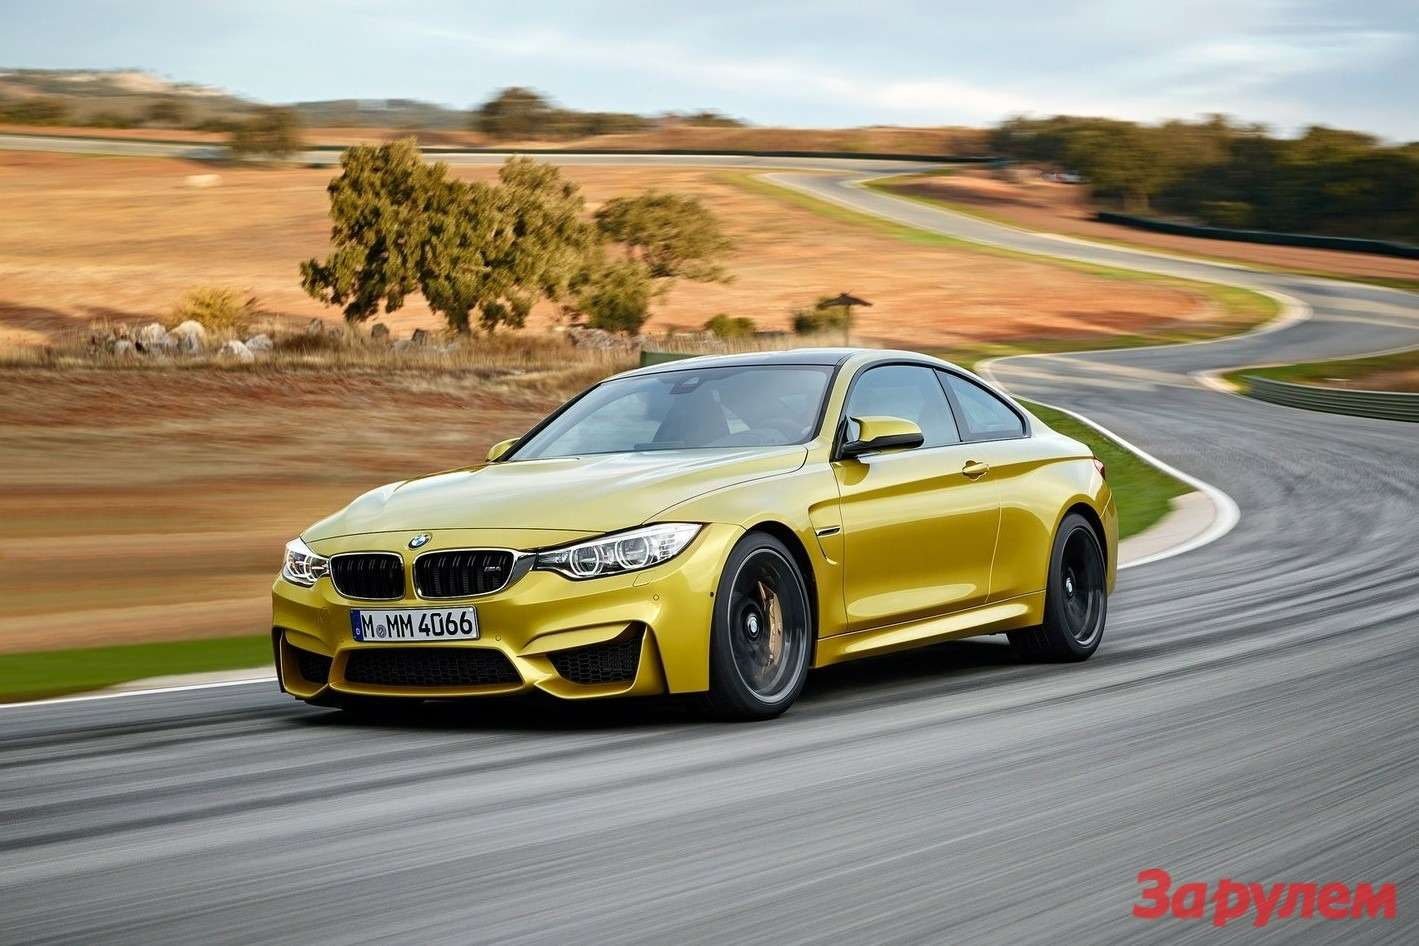 BMWM4